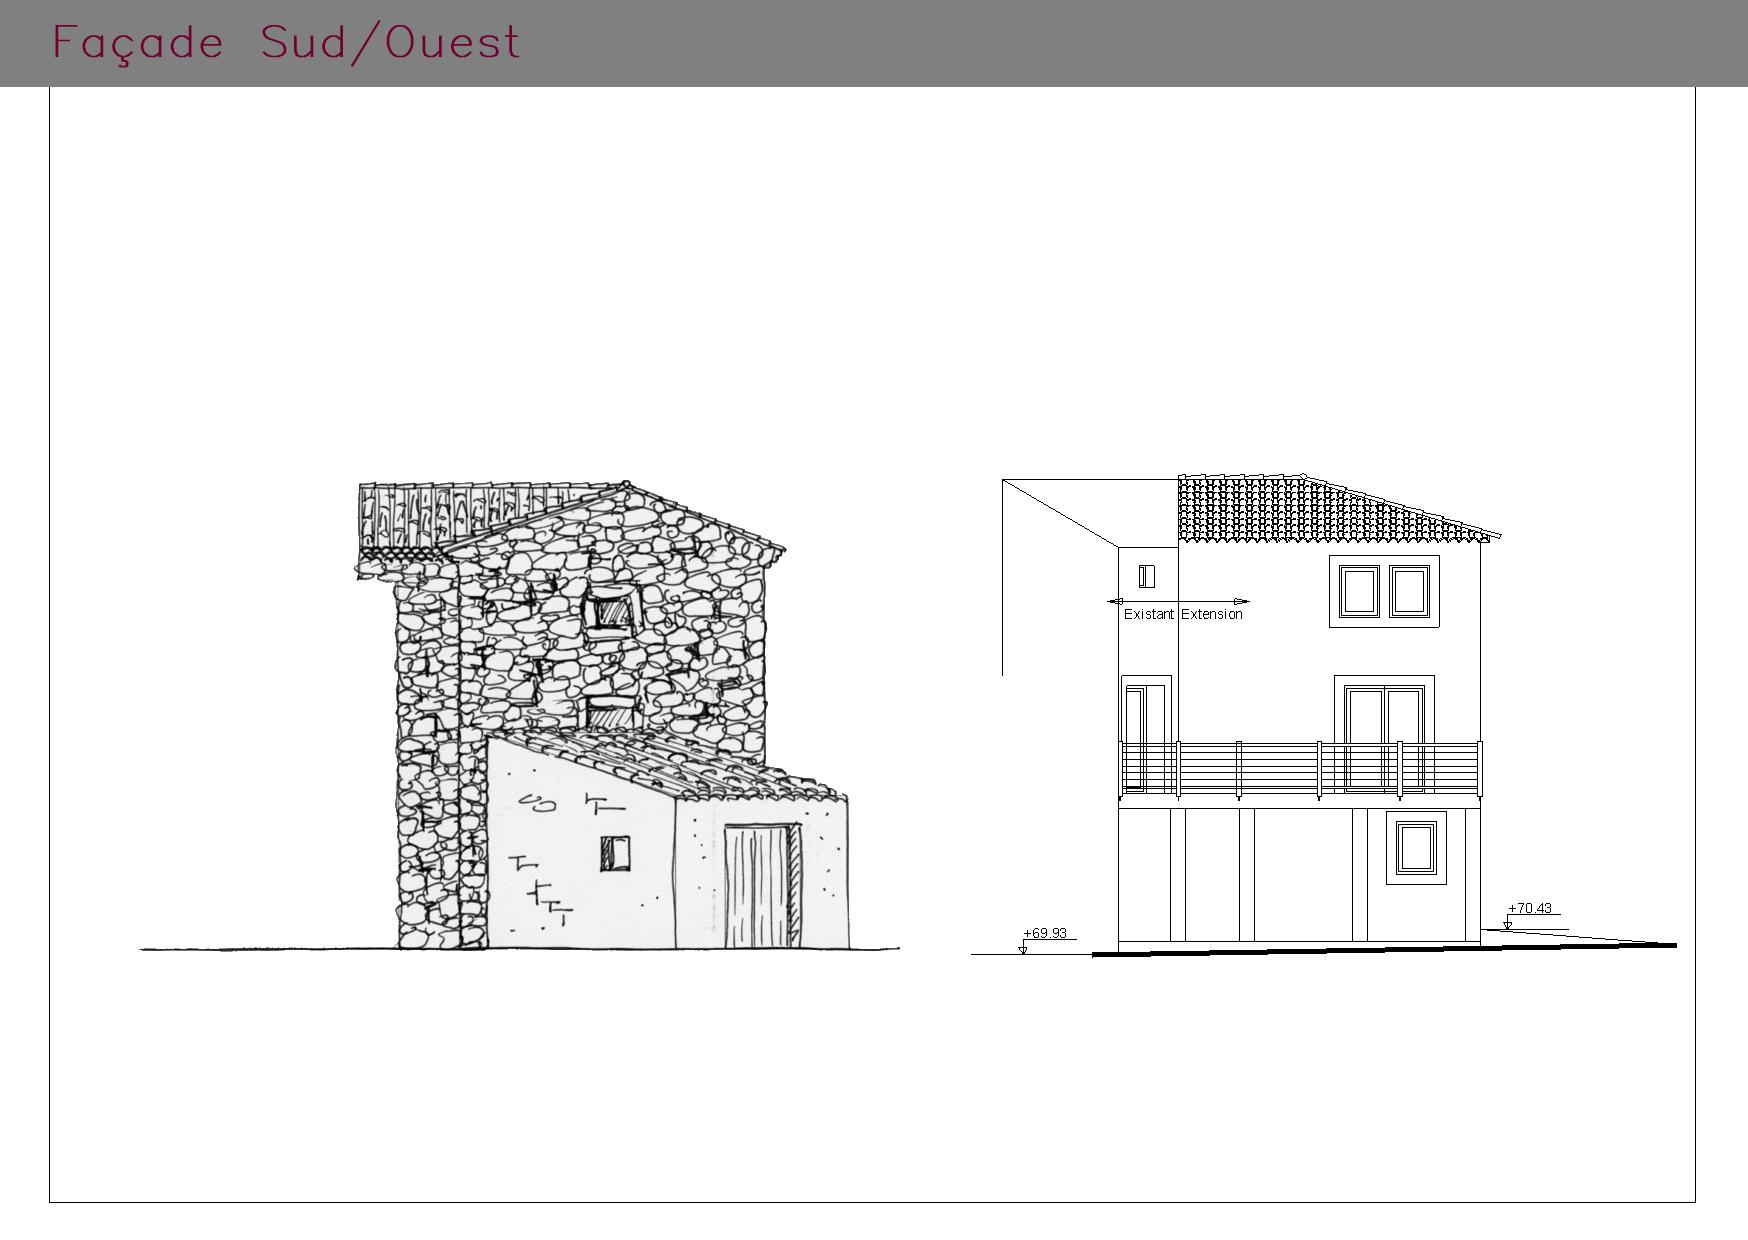 Plans des façades SUD/OUEST d'un logement aux normes PMR